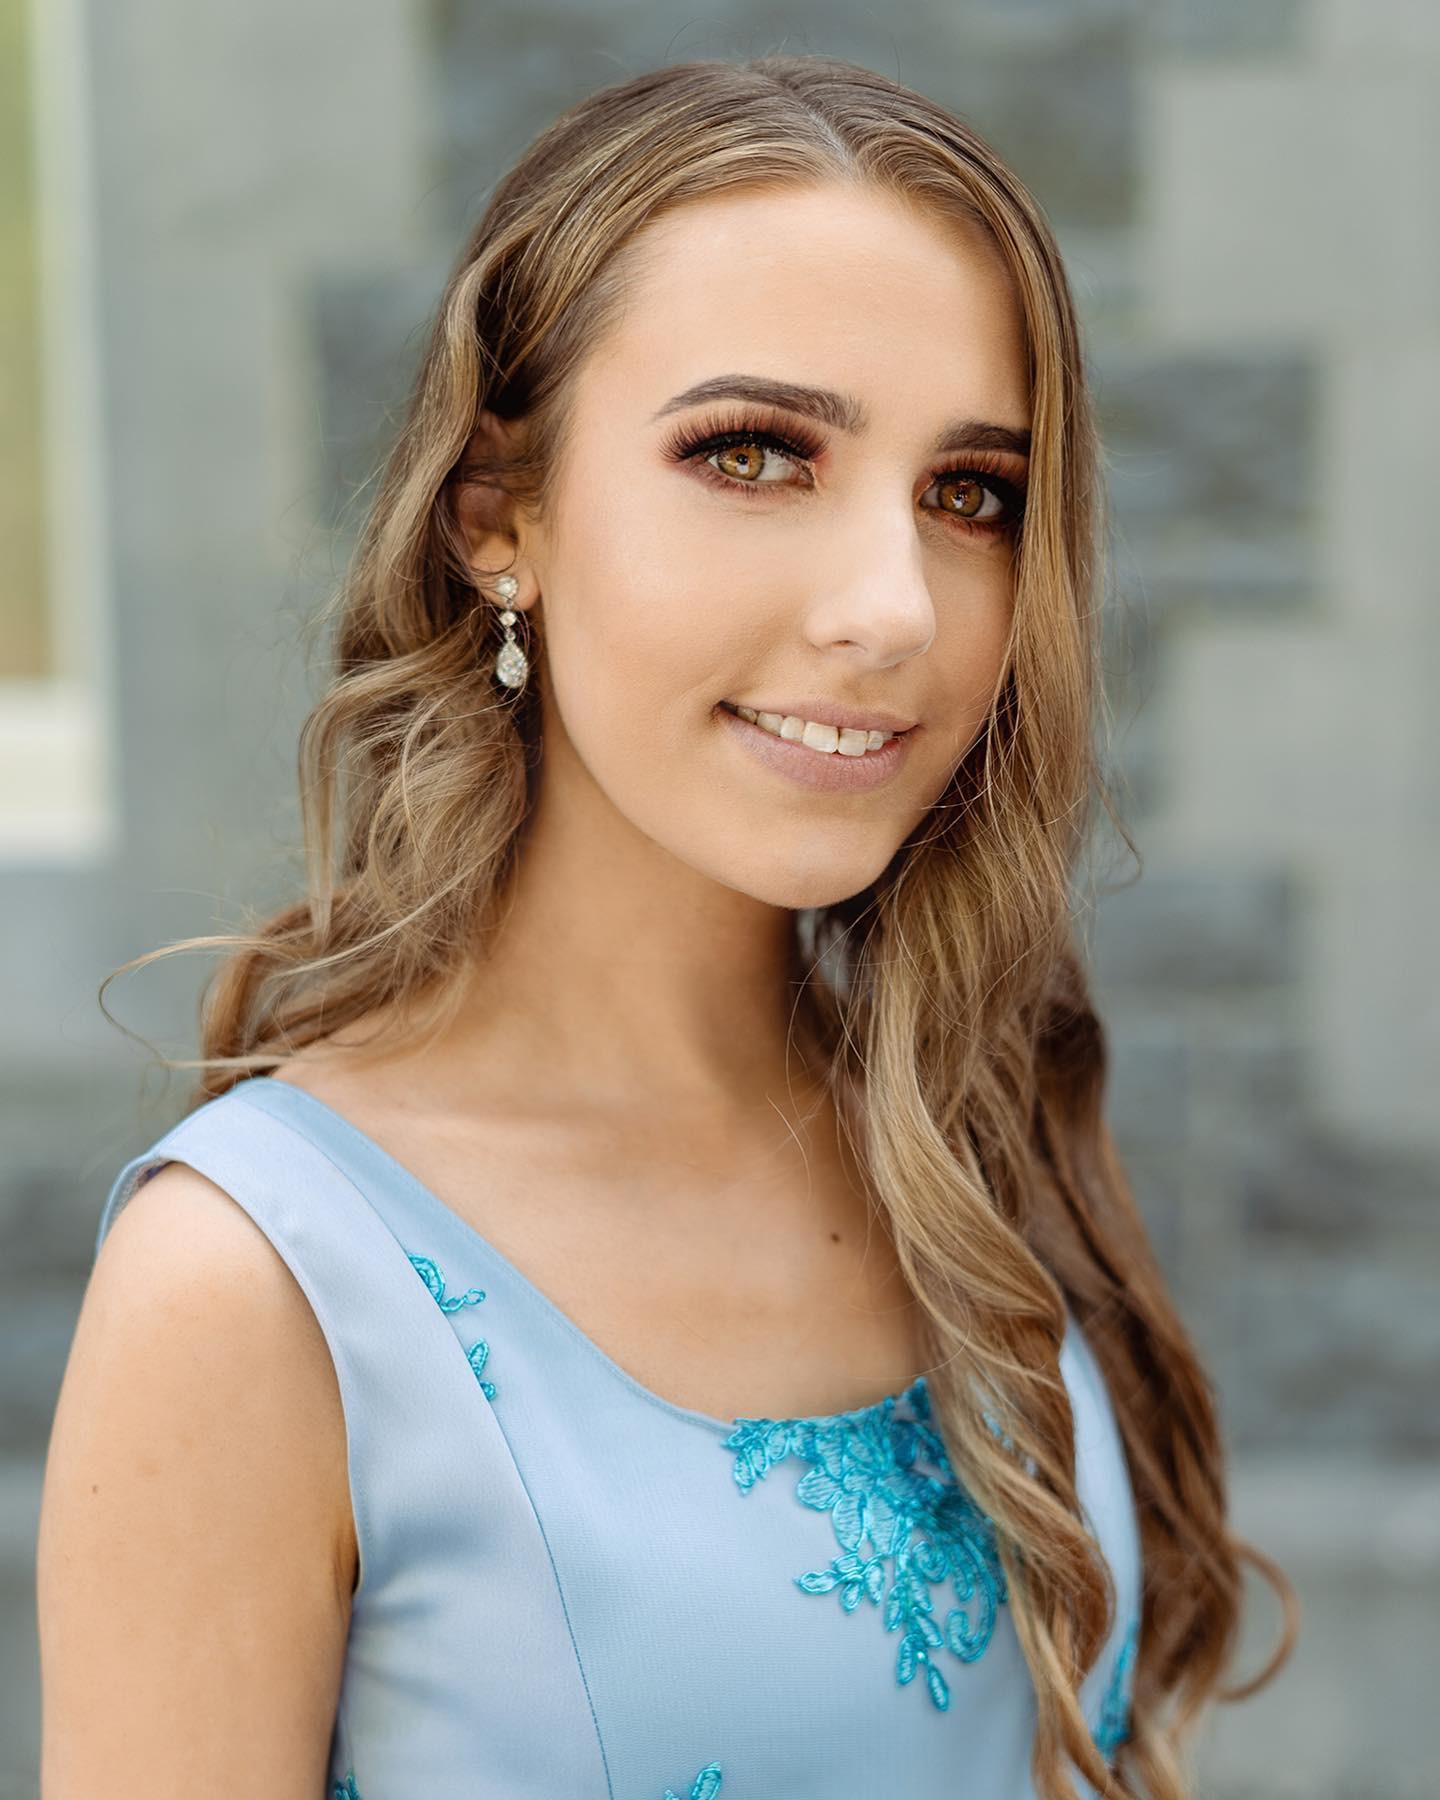 candidatas a miss earth ireland 2021. final: 27 de agosto. - Página 2 R0mFgR